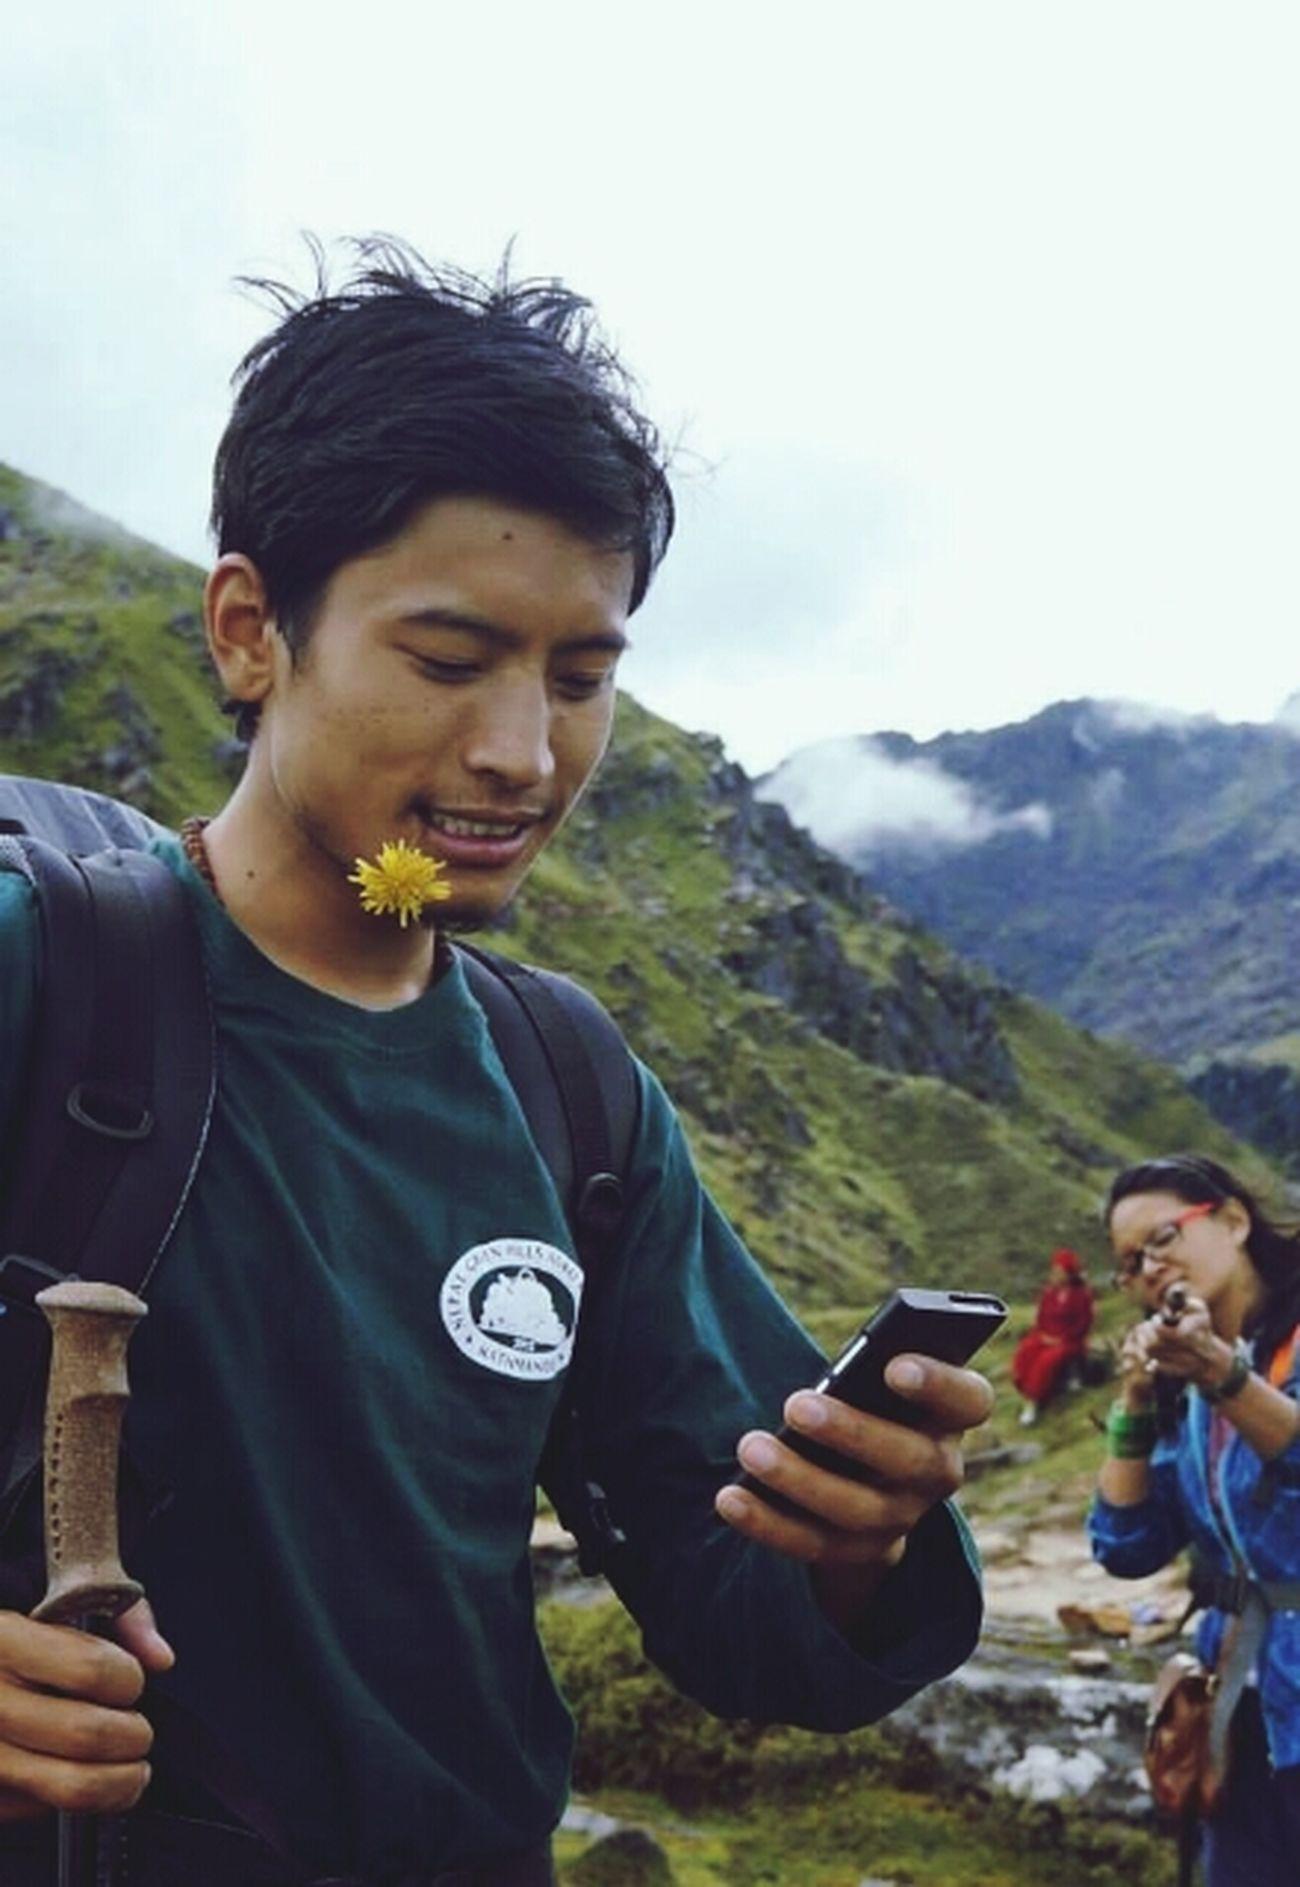 Gosaikunda trekking First Eyeem Photo